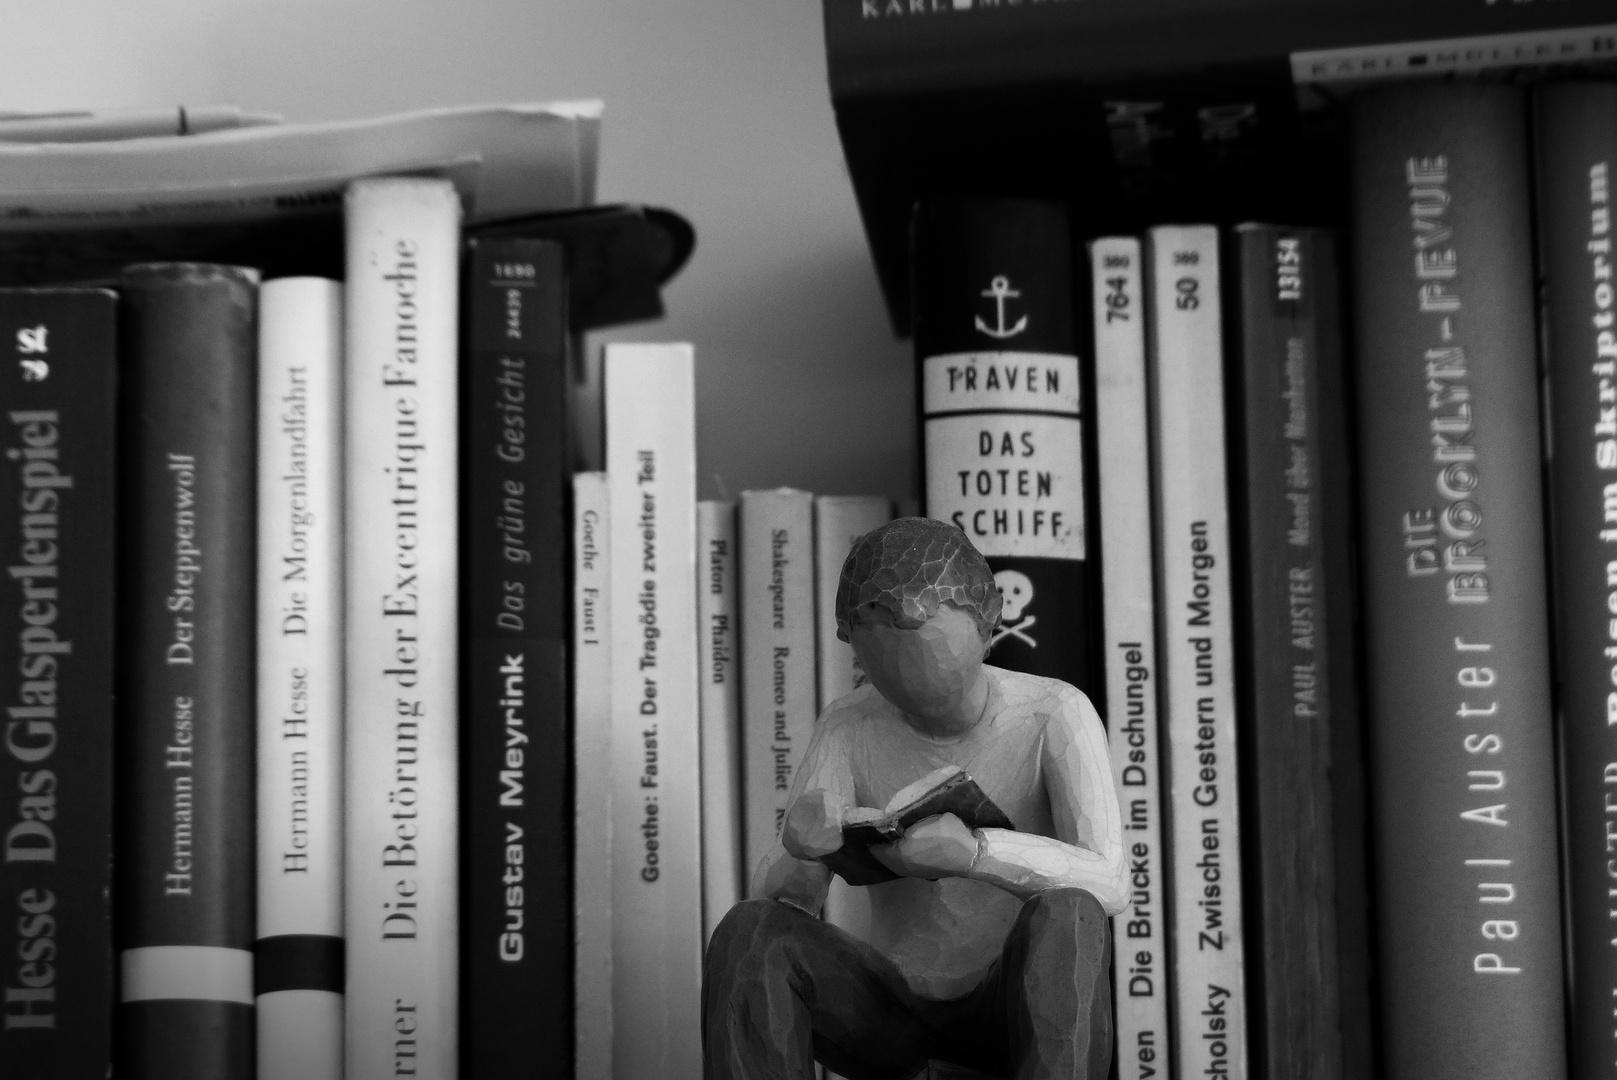 Der Denker äh Leser